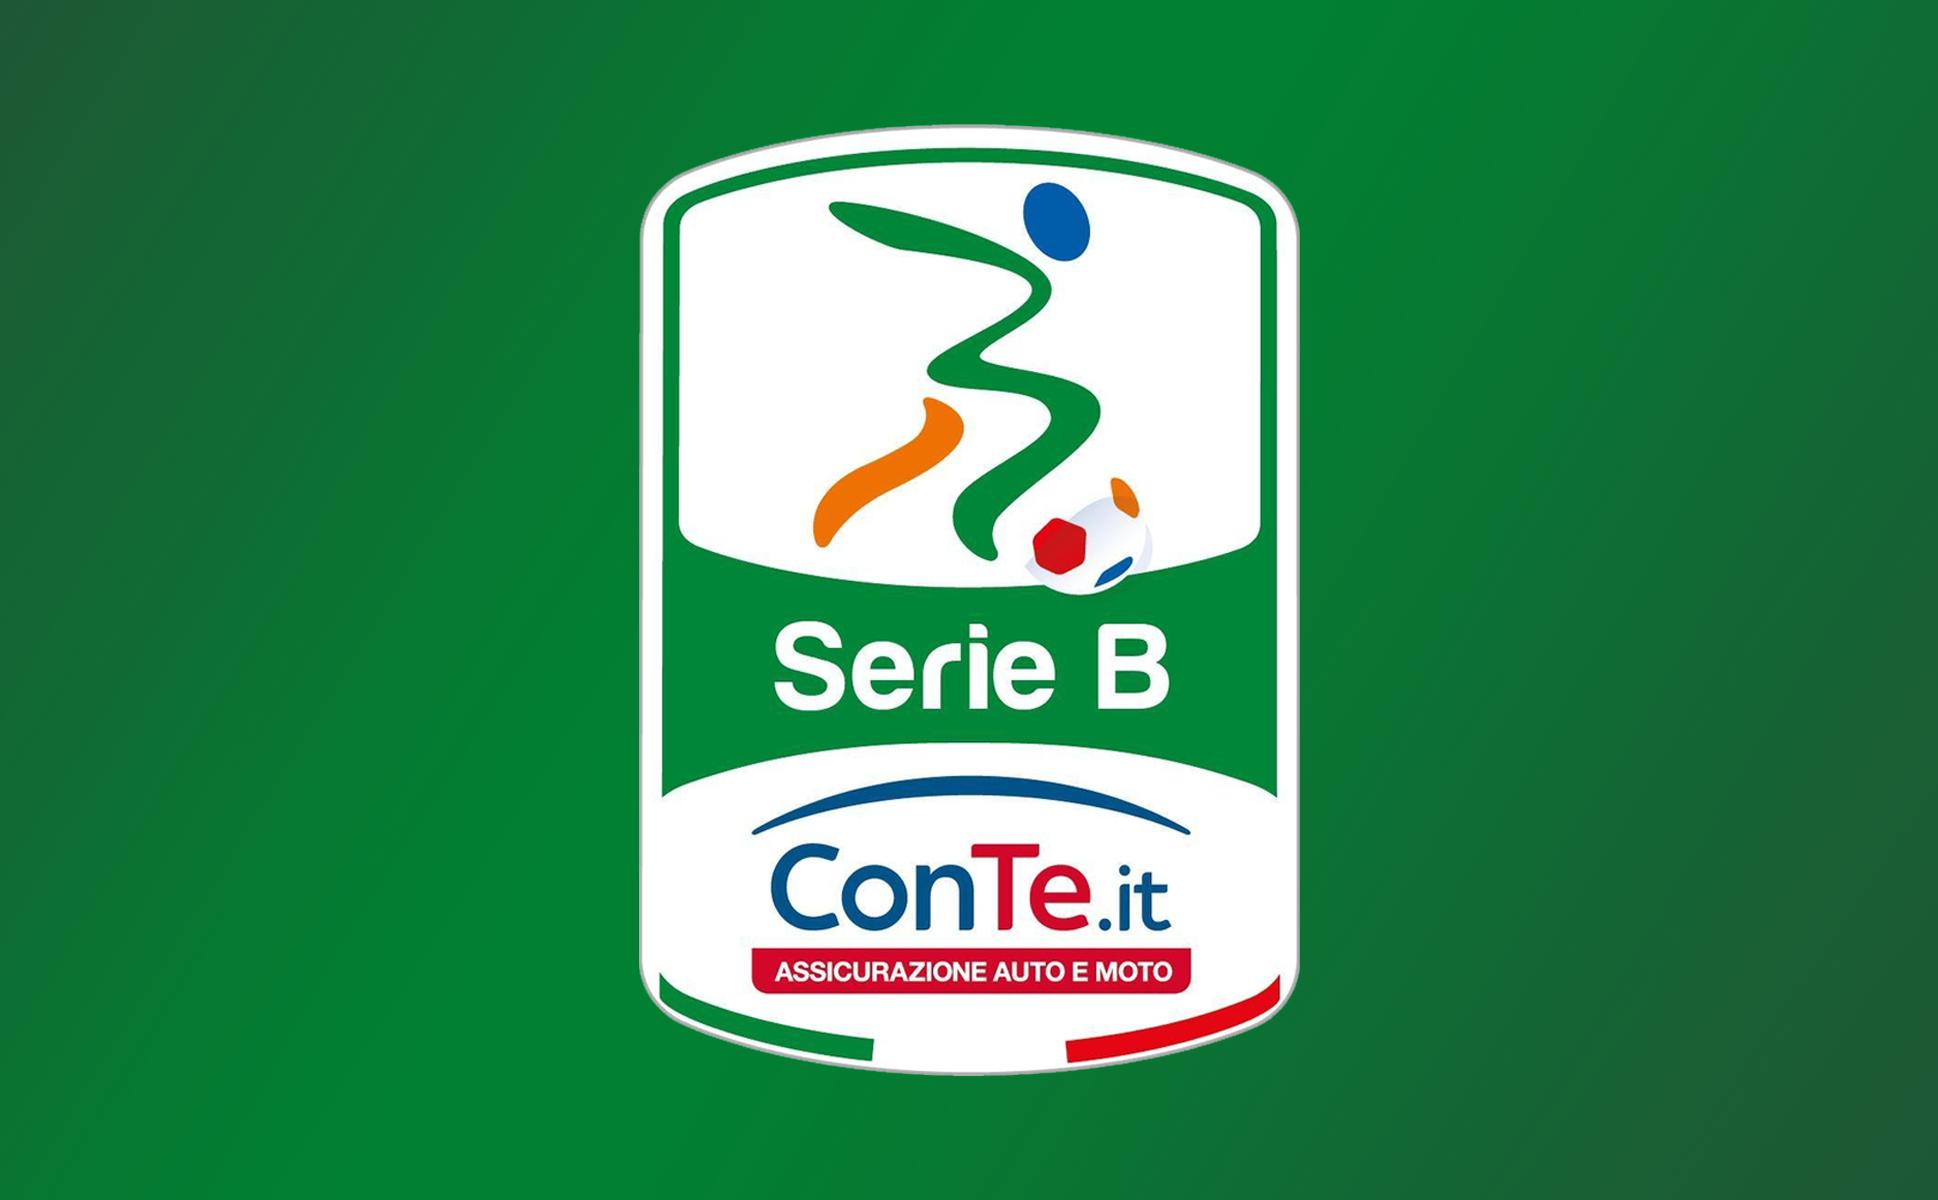 logo-serie-b-1